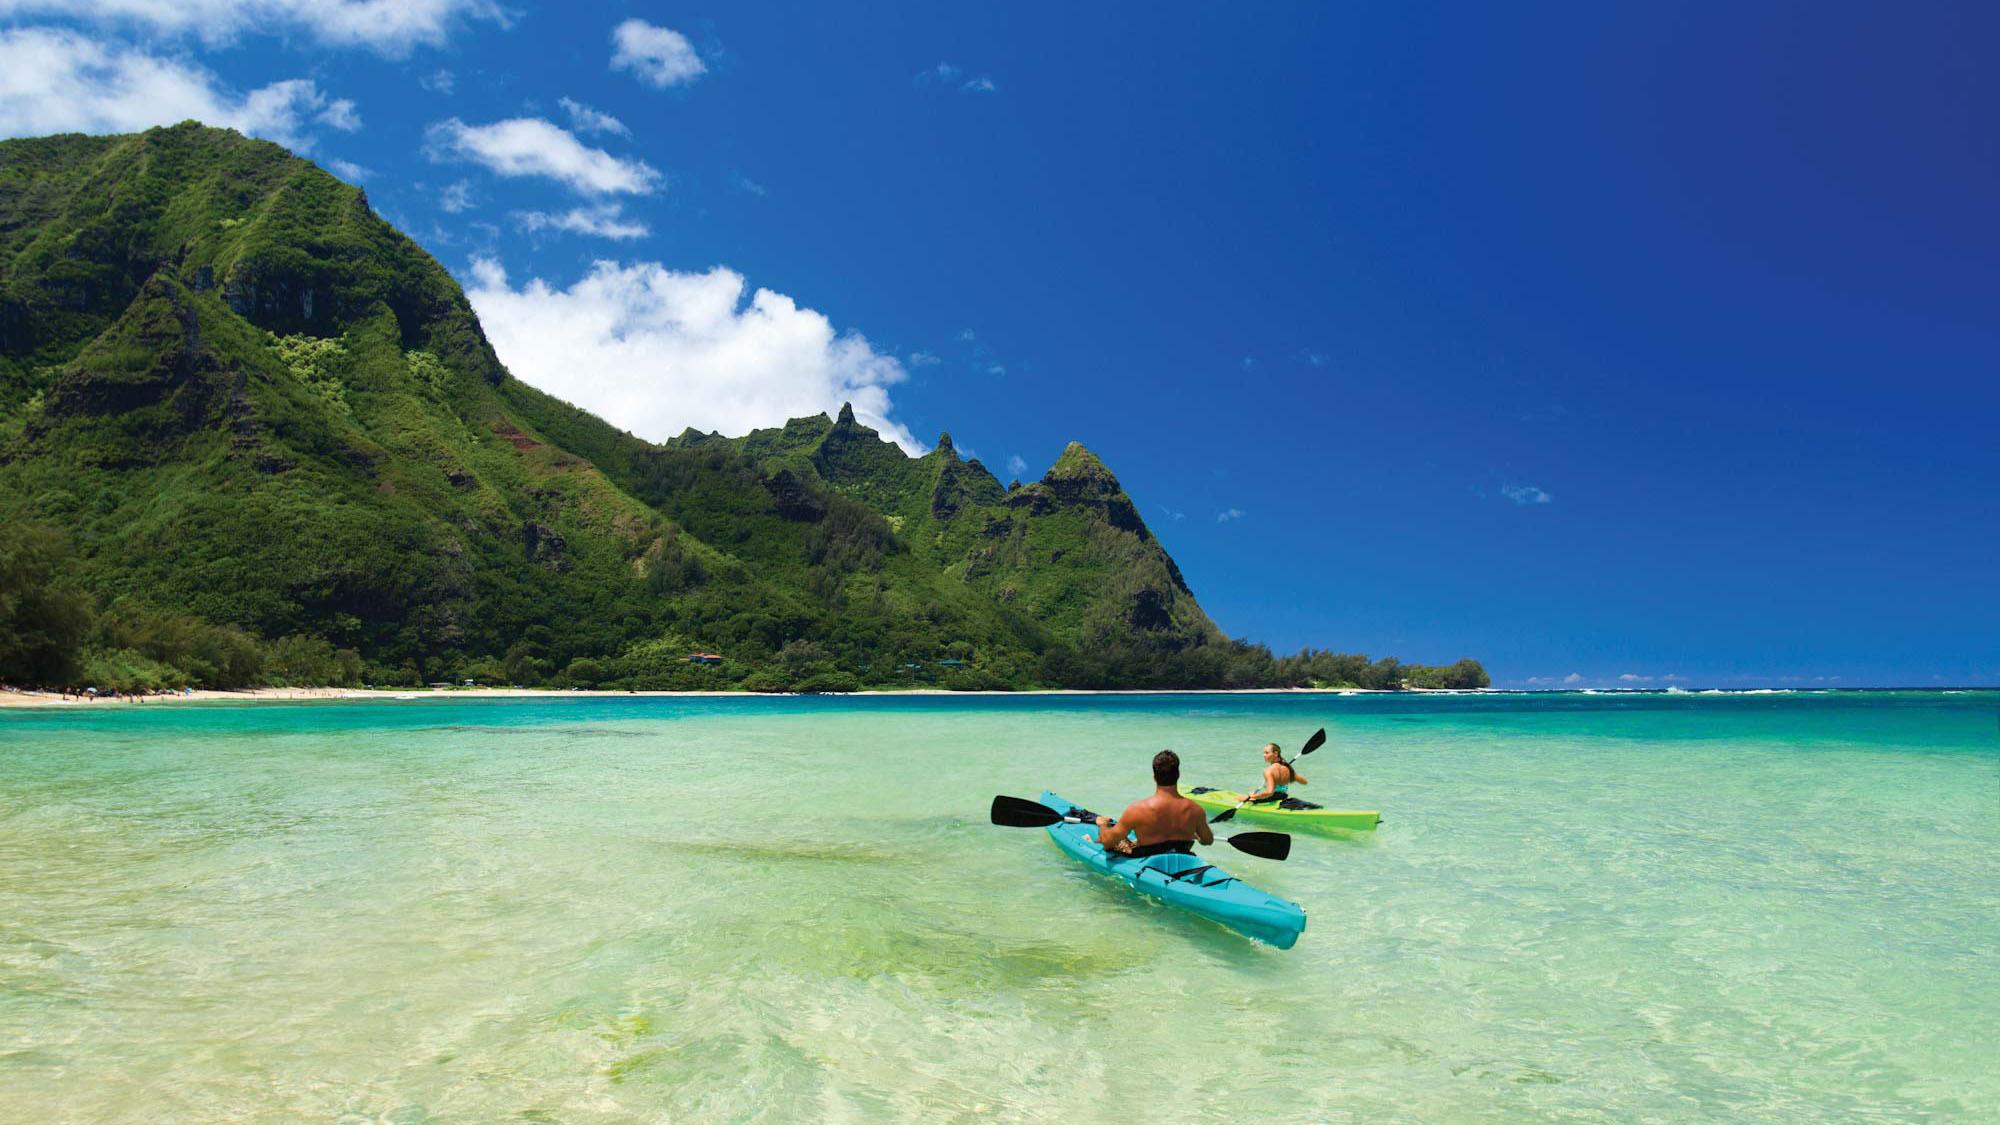 Flora, fundamentals on Kauai kayak tour: Travel Weekly